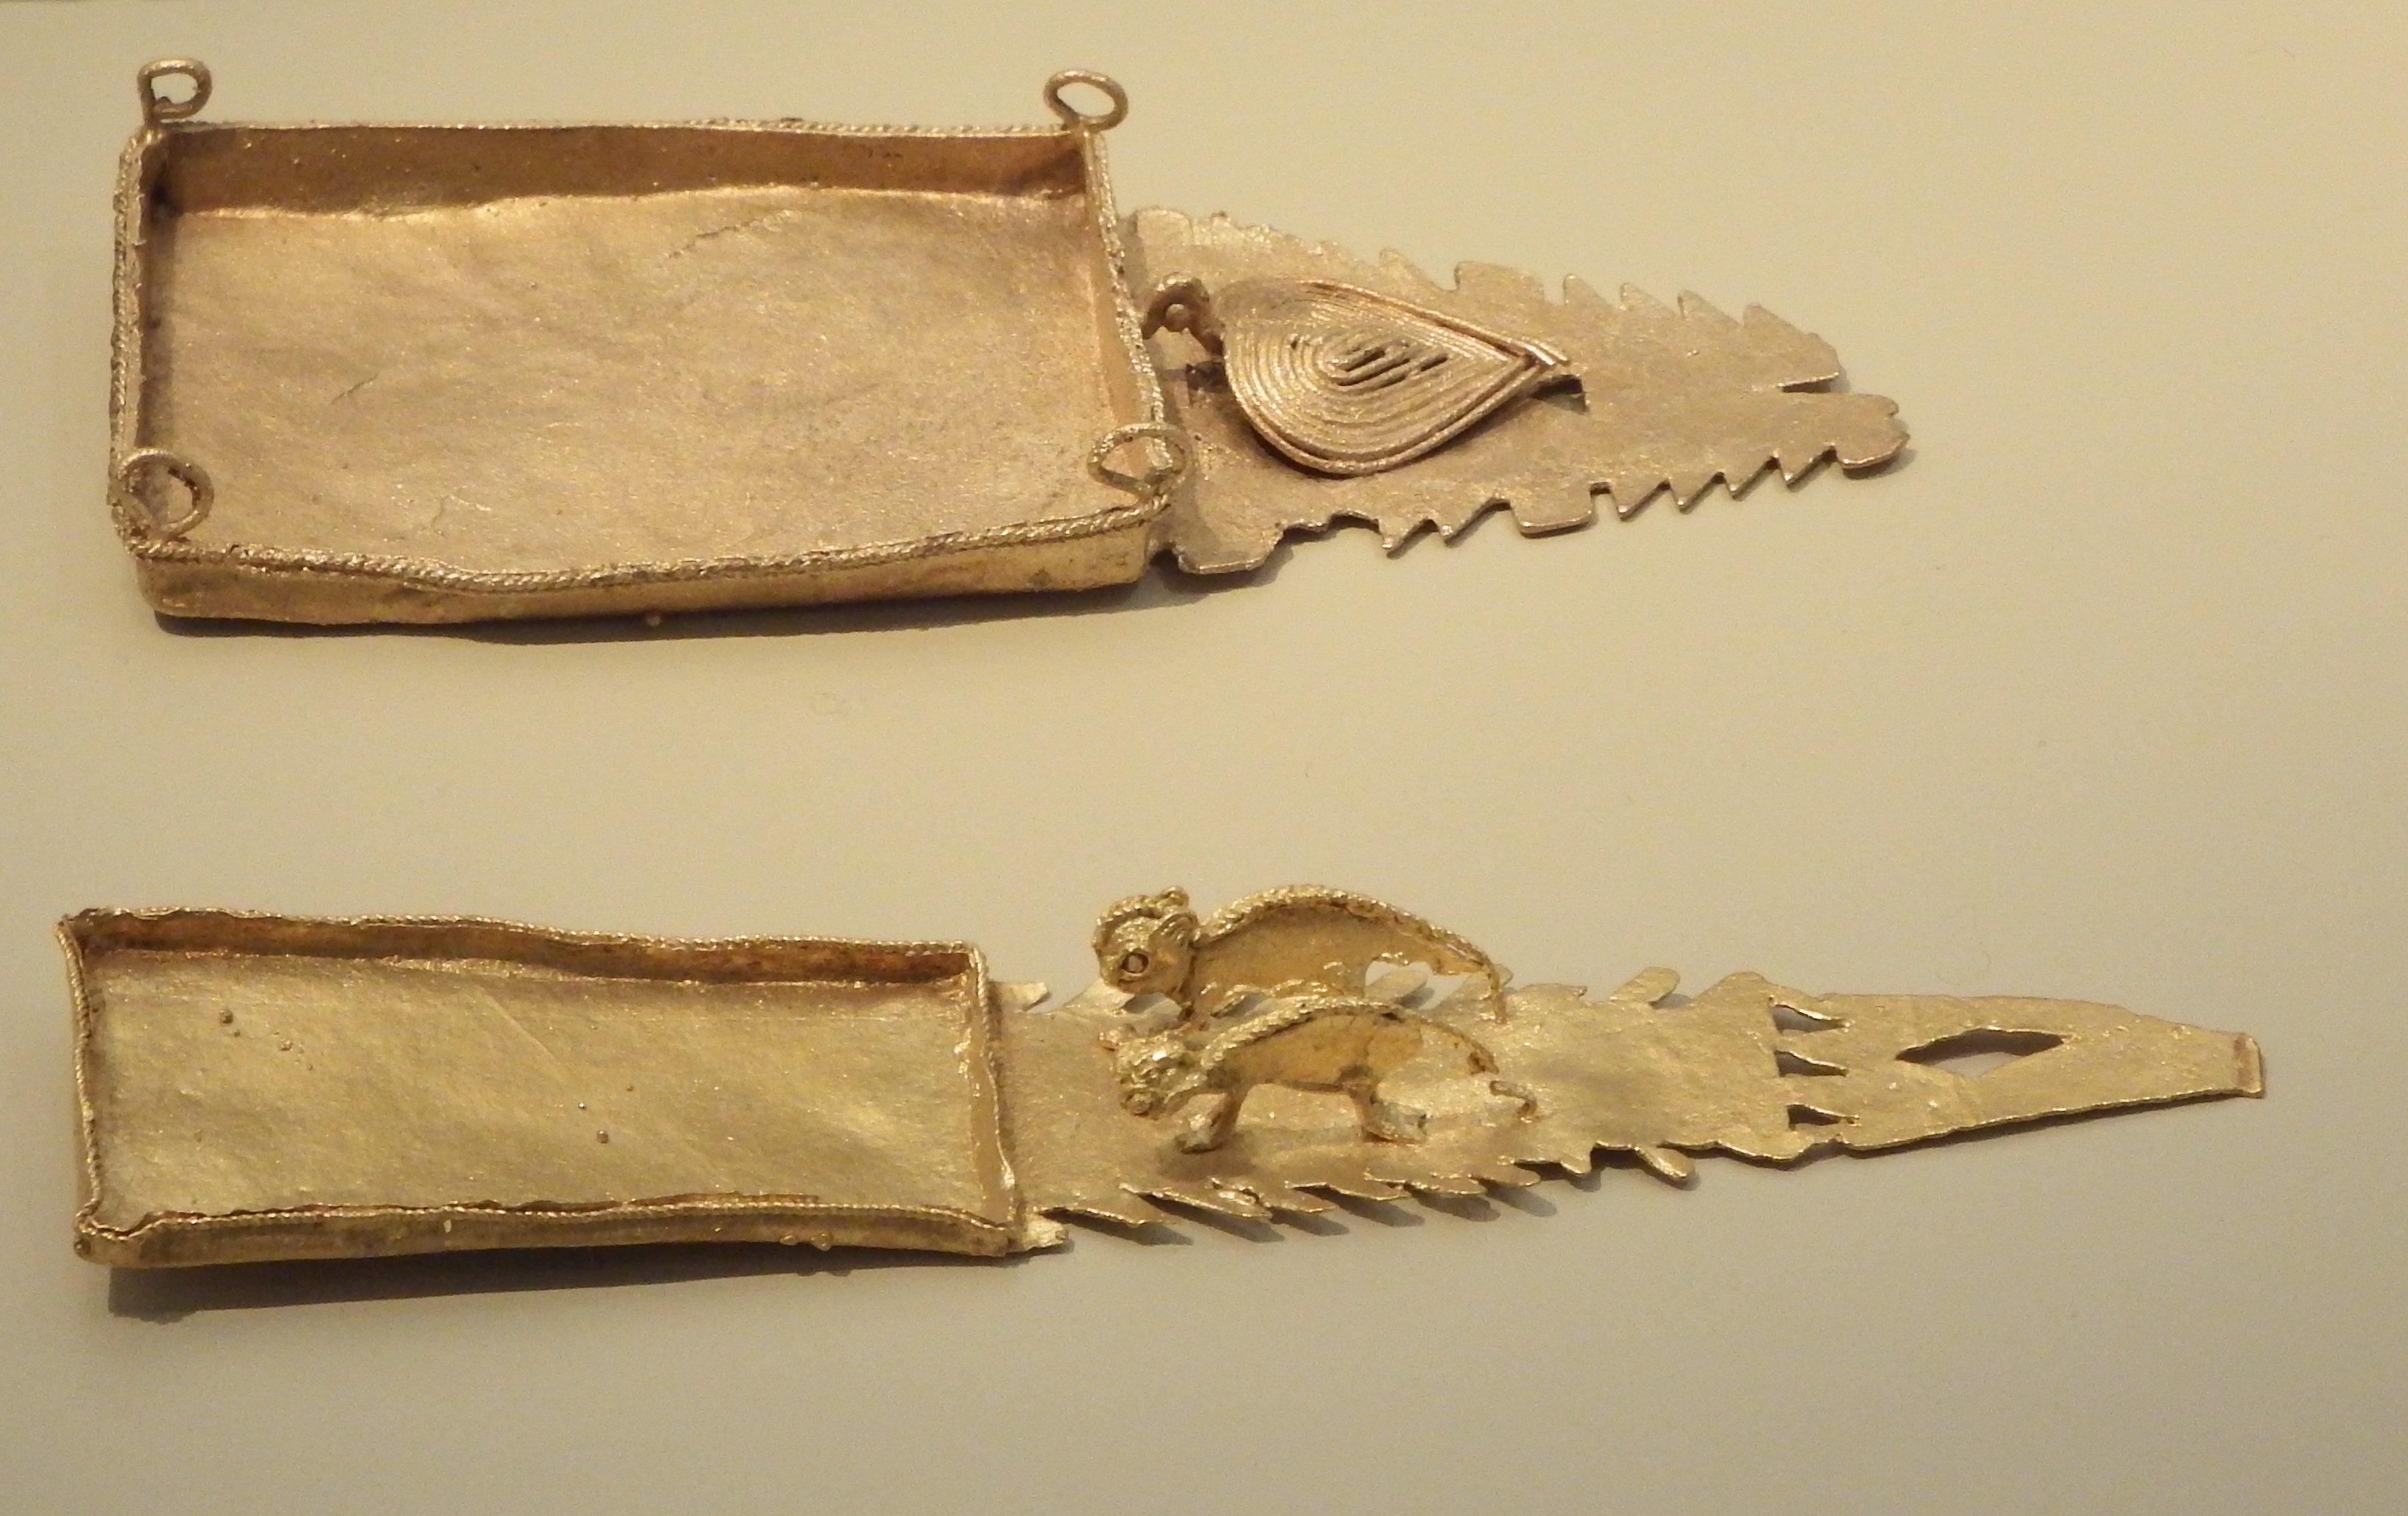 Tavolette da fiuto in oro della cultura Muisca, lunghezza 10 cm. Museo del Oro, Bogotá